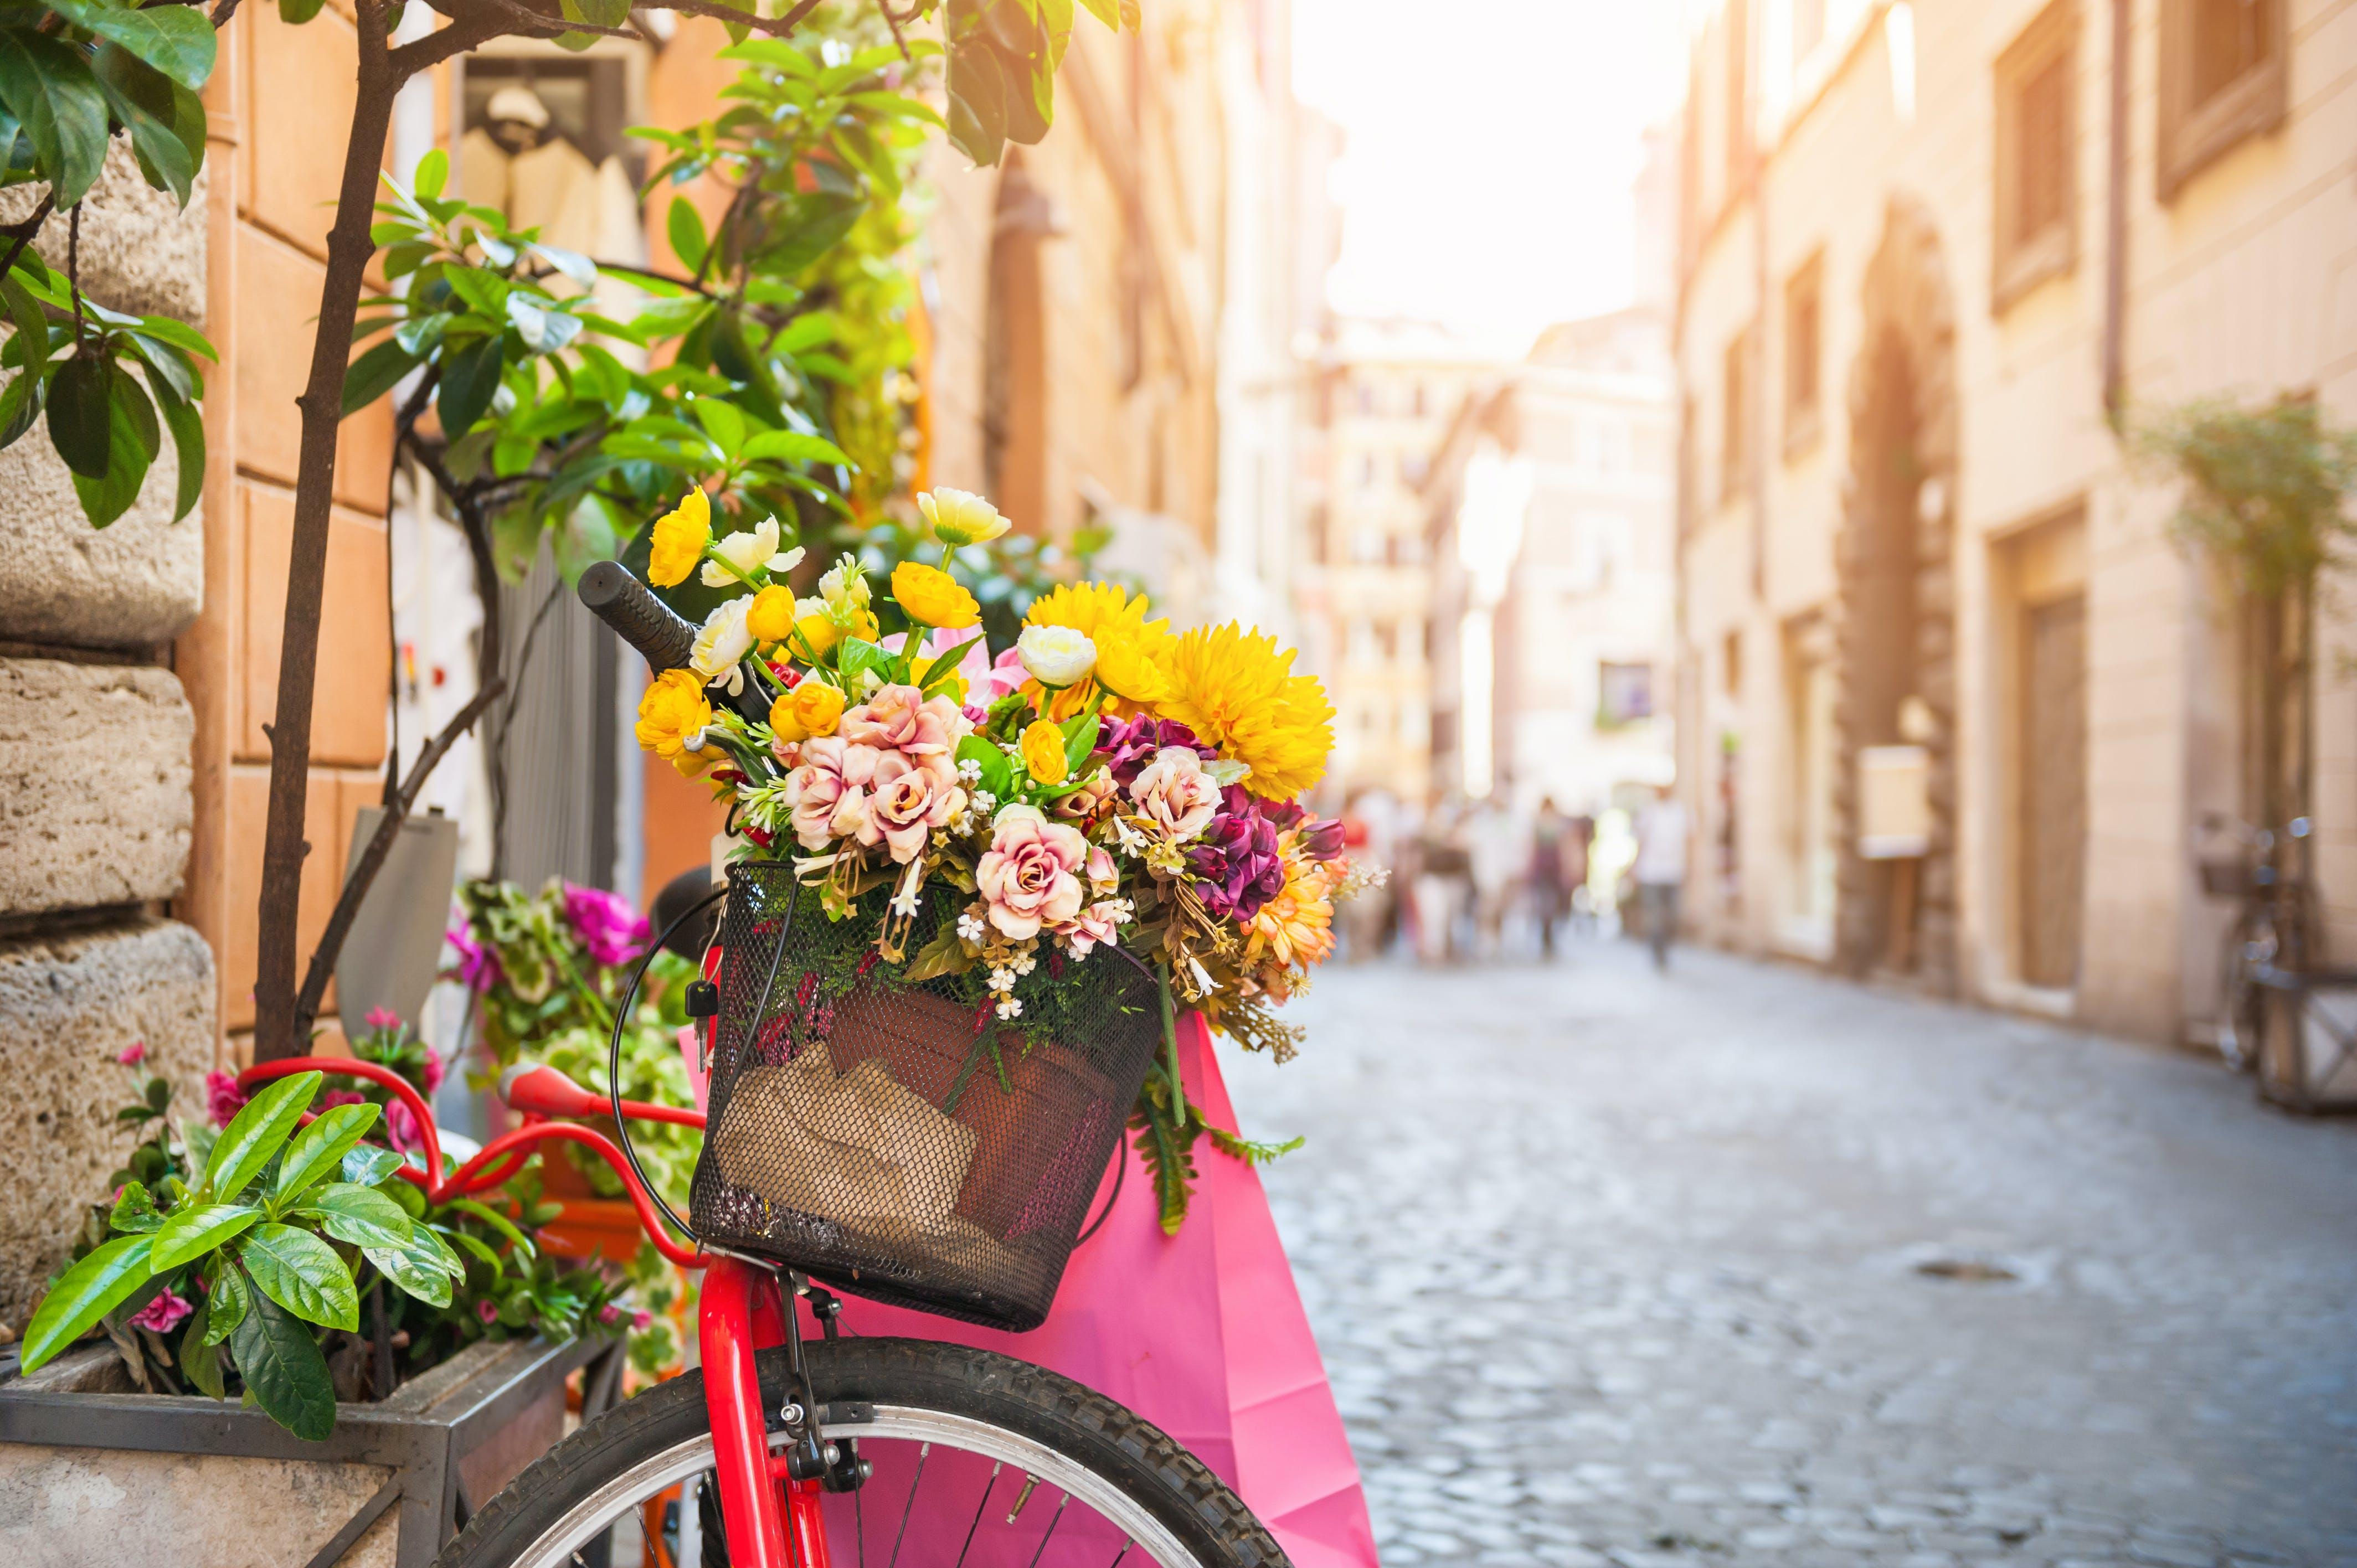 Wandel door de pittoreske straatjes van Rome